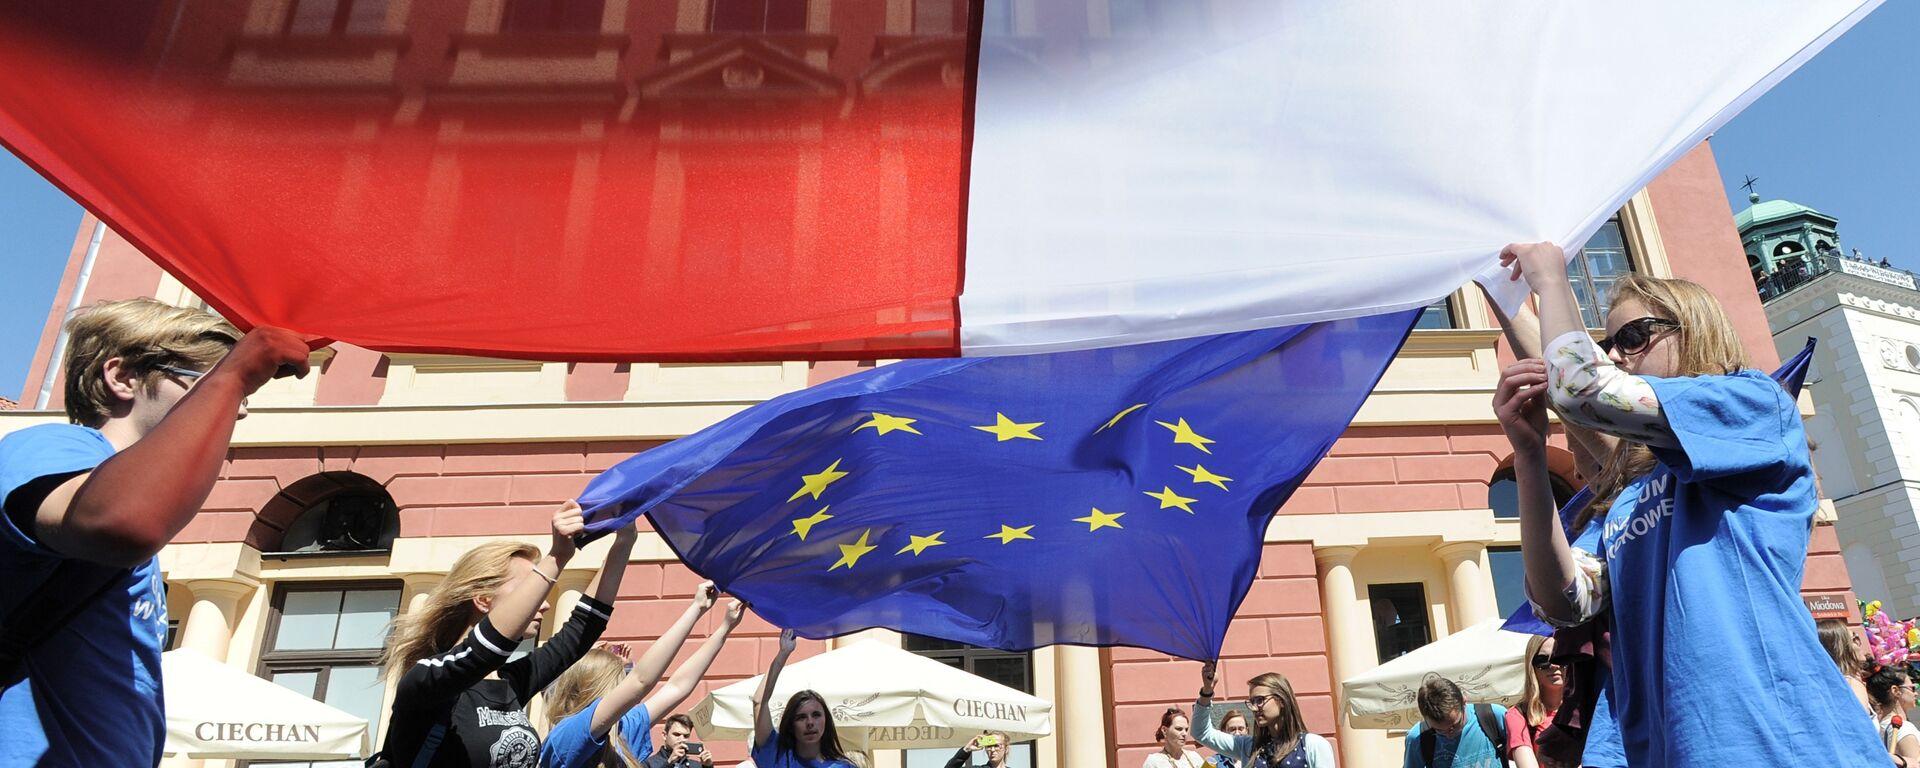 Flagi Polski i UE - Sputnik Polska, 1920, 09.12.2020